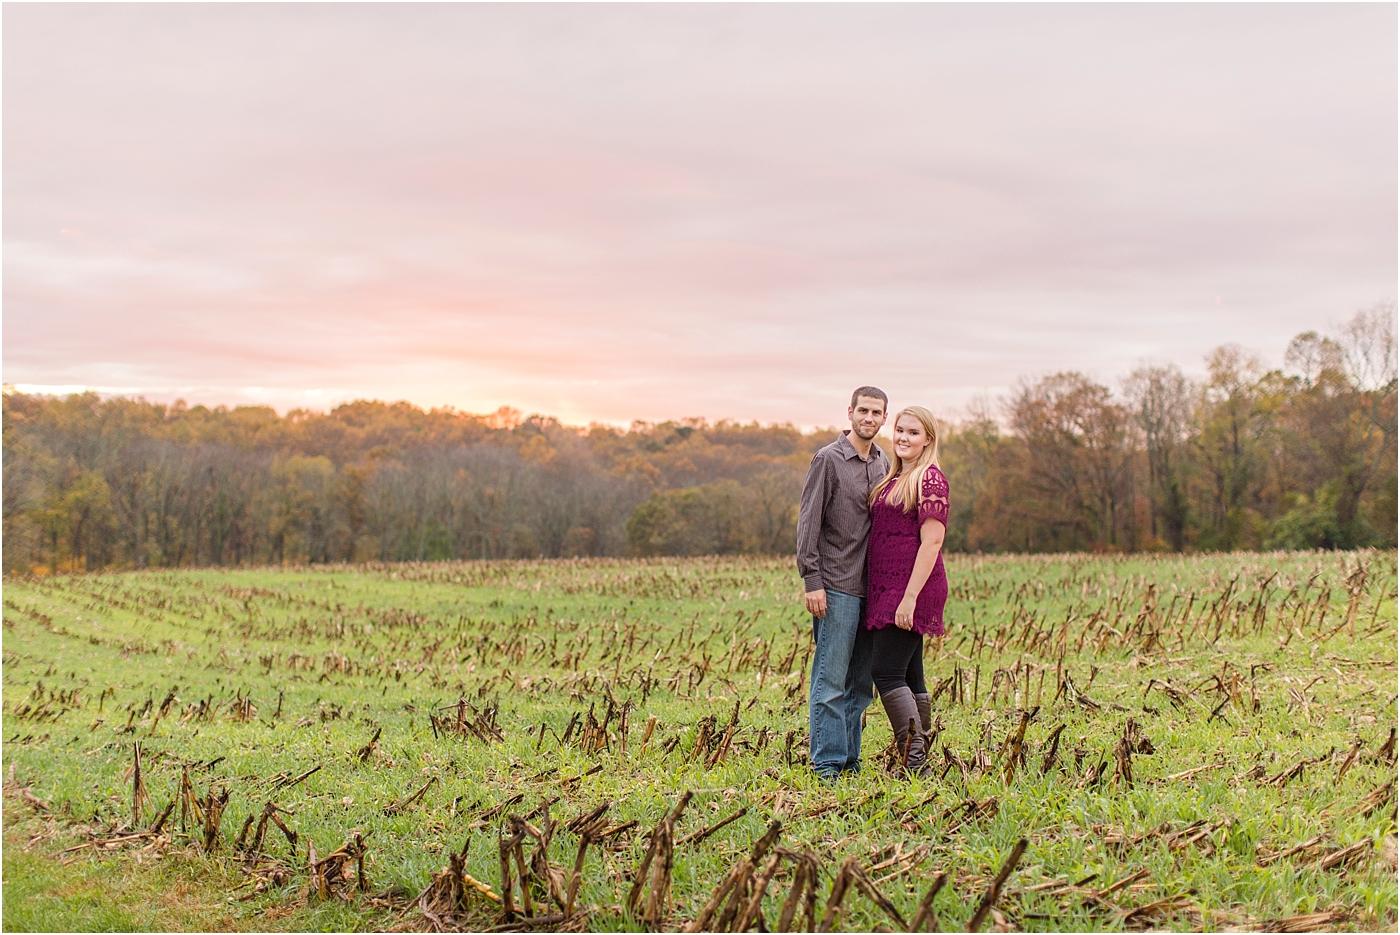 Maryland-Engagement-Photographer-38.jpg